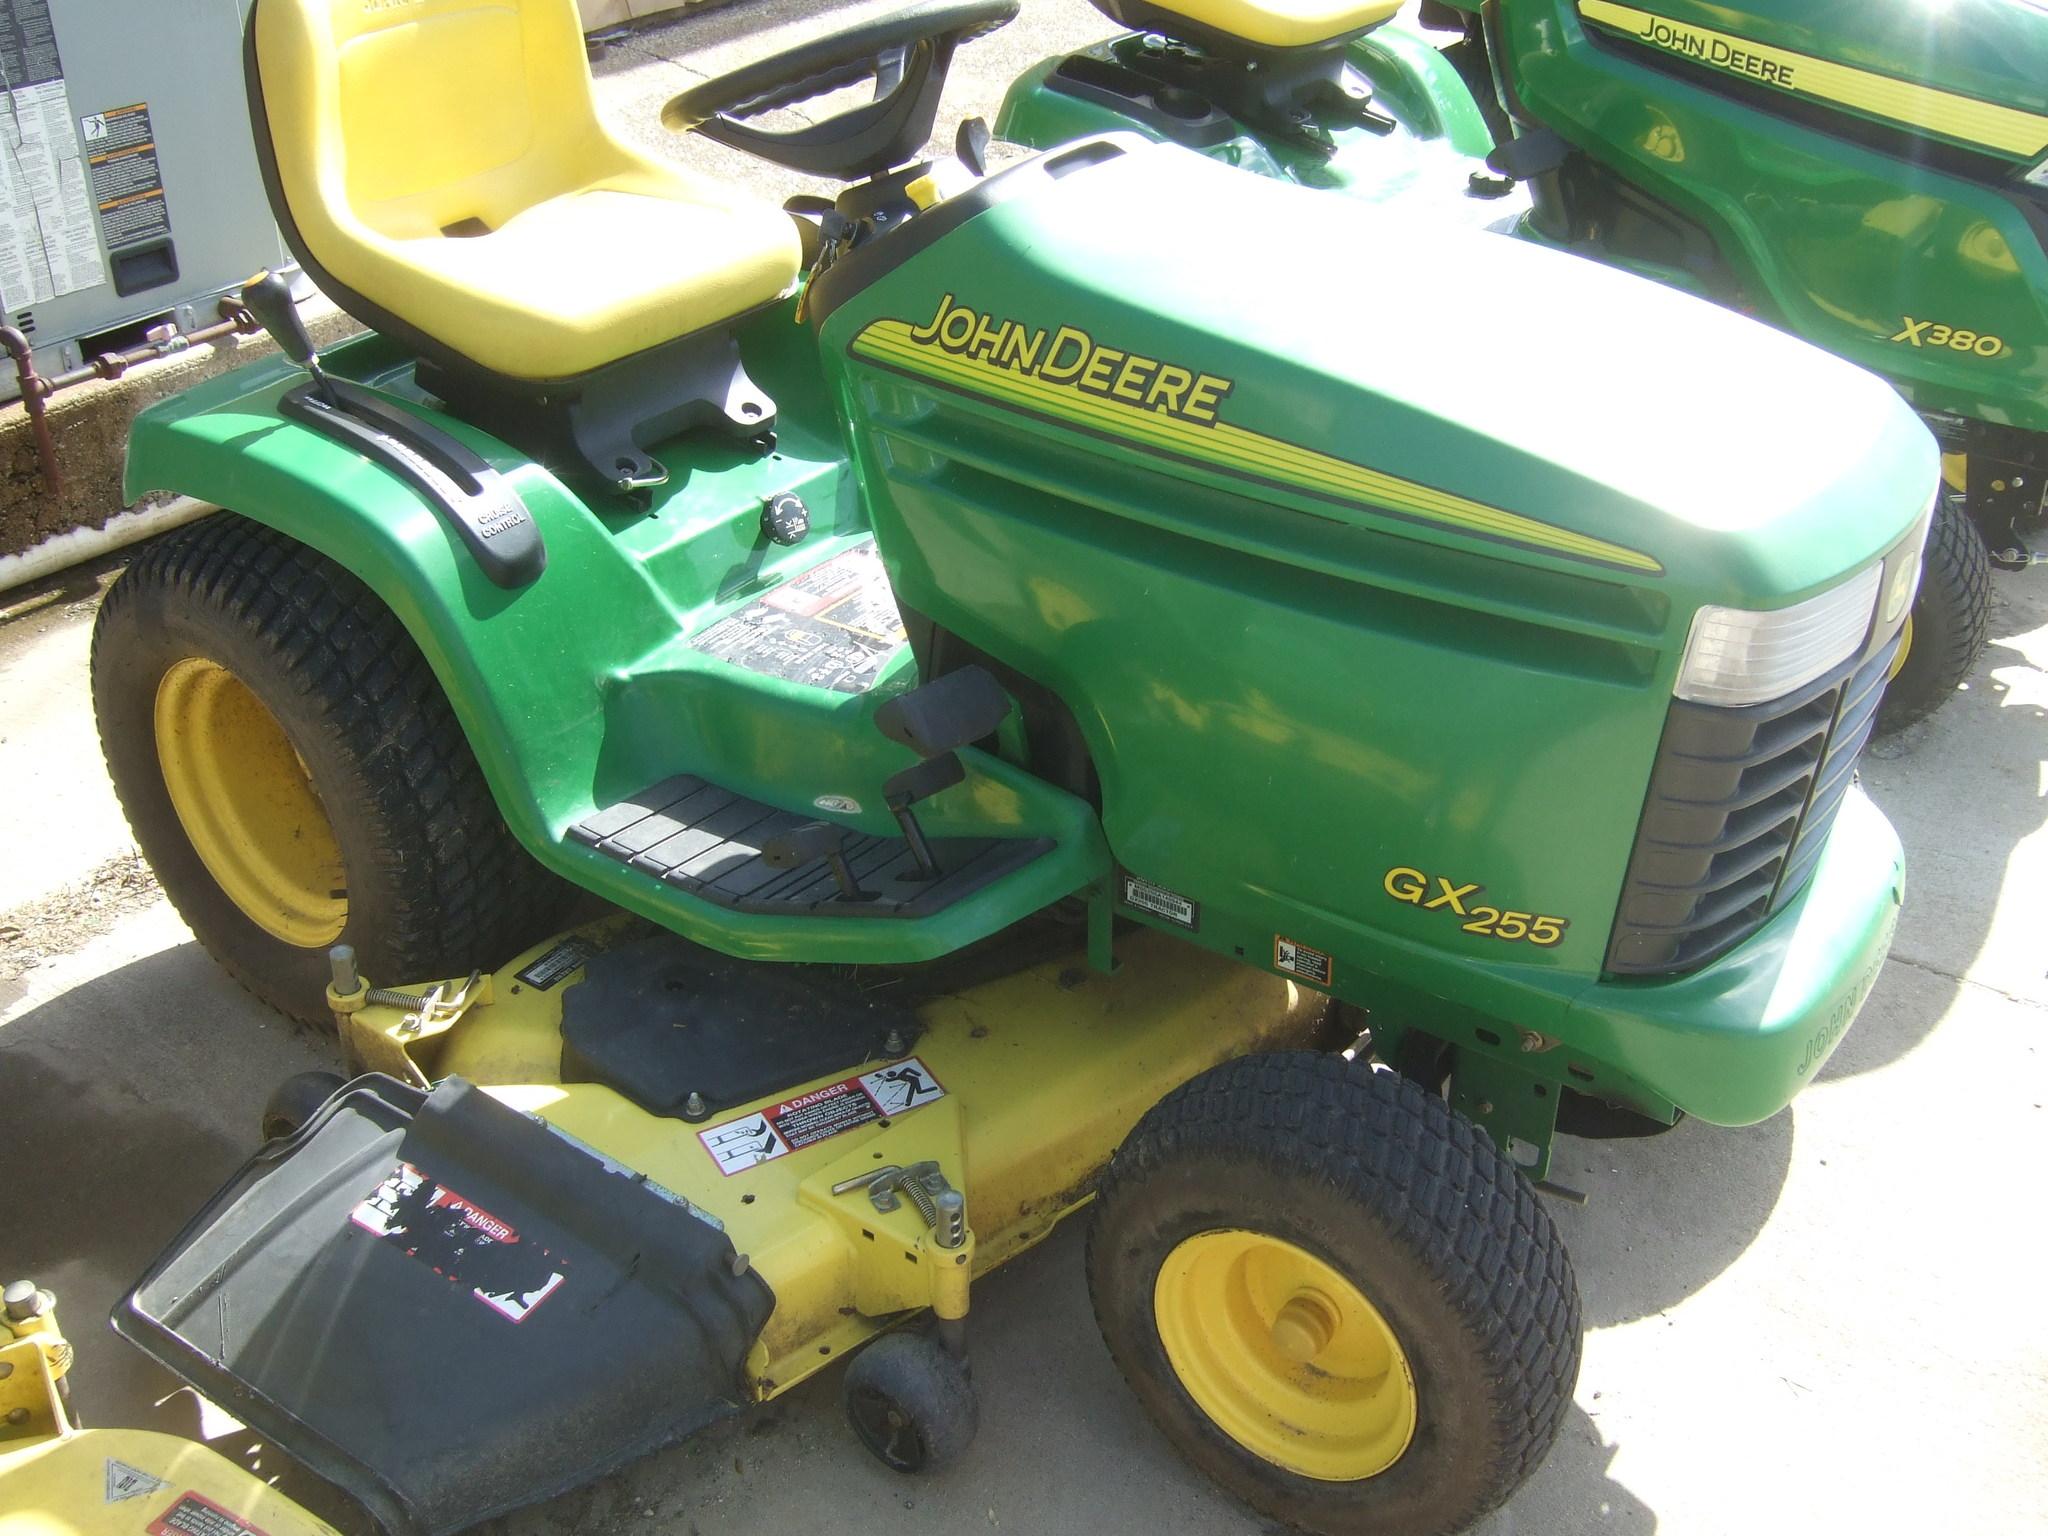 ... Array - john deere gx255 manual john deere manuals john deere manuals  rh mygreen farm